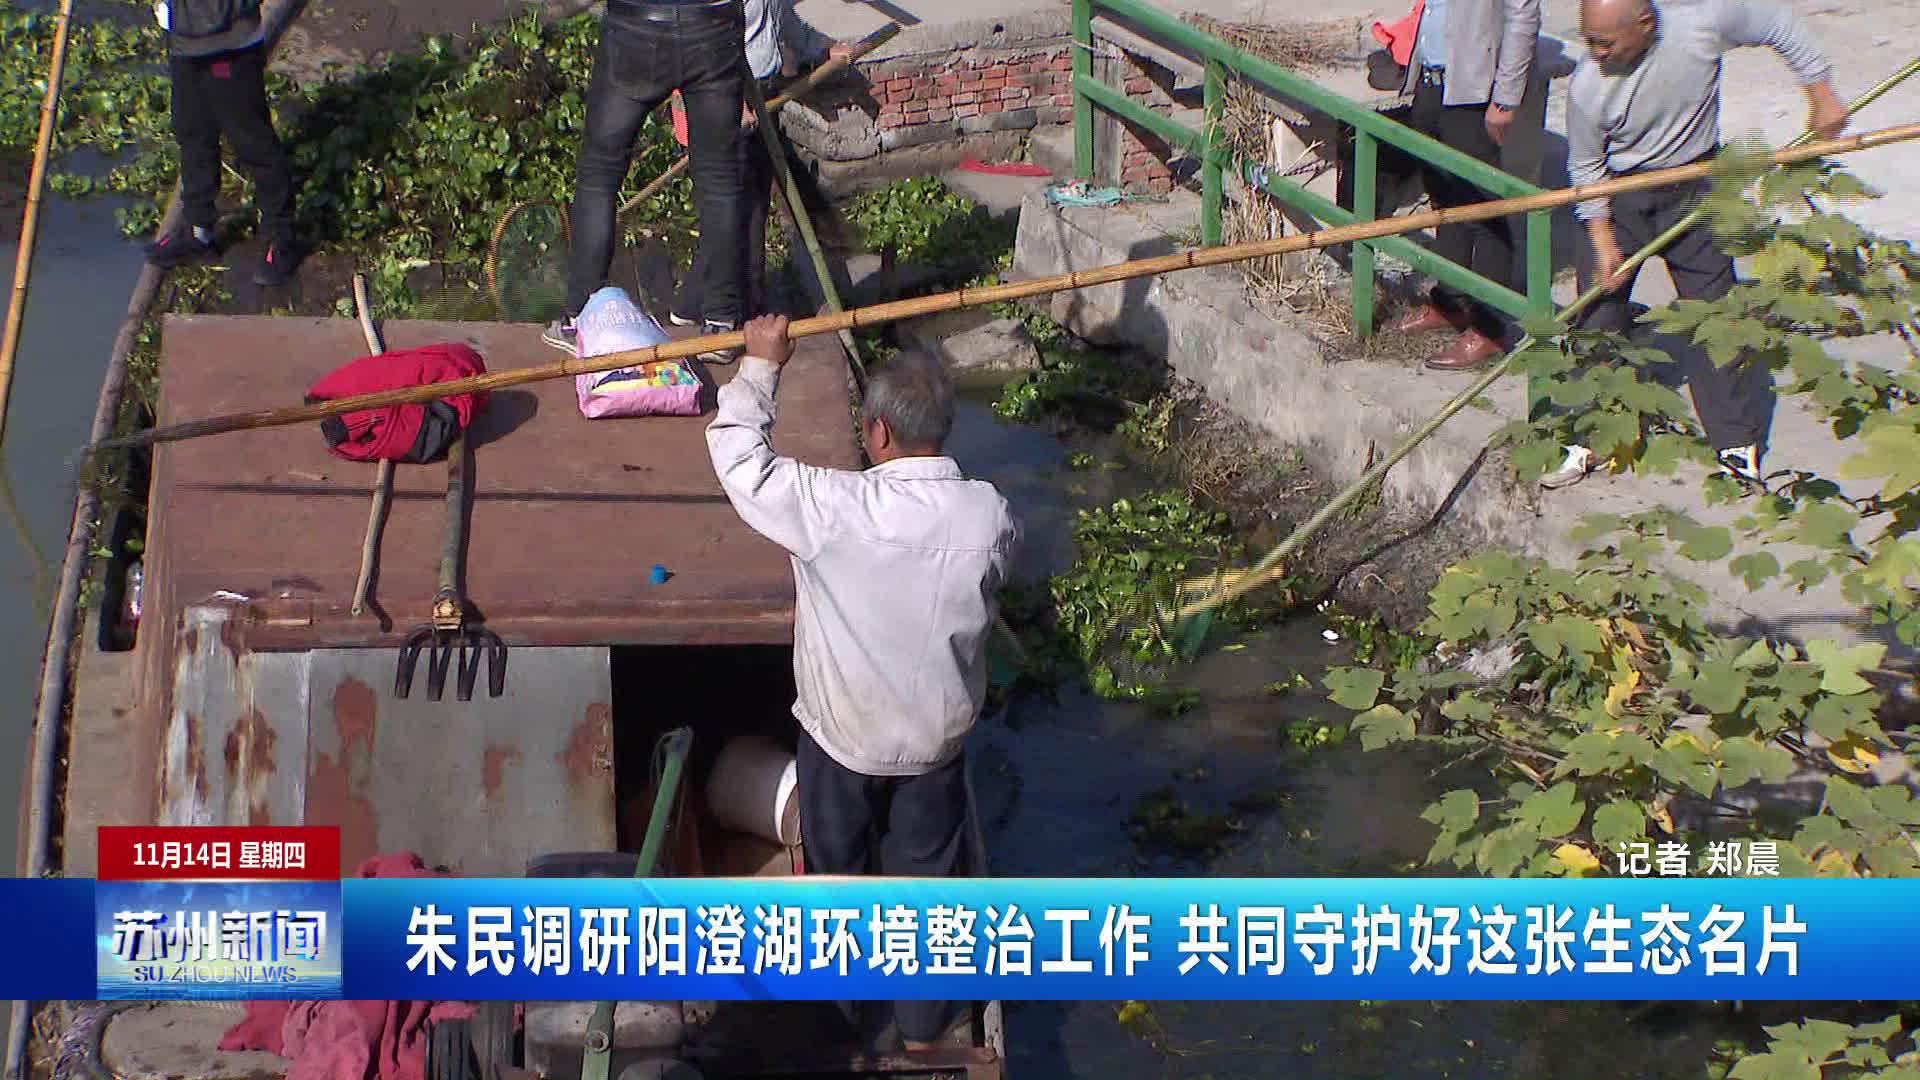 朱民调研阳澄湖环境整治工作 共同守护好这张生态名片